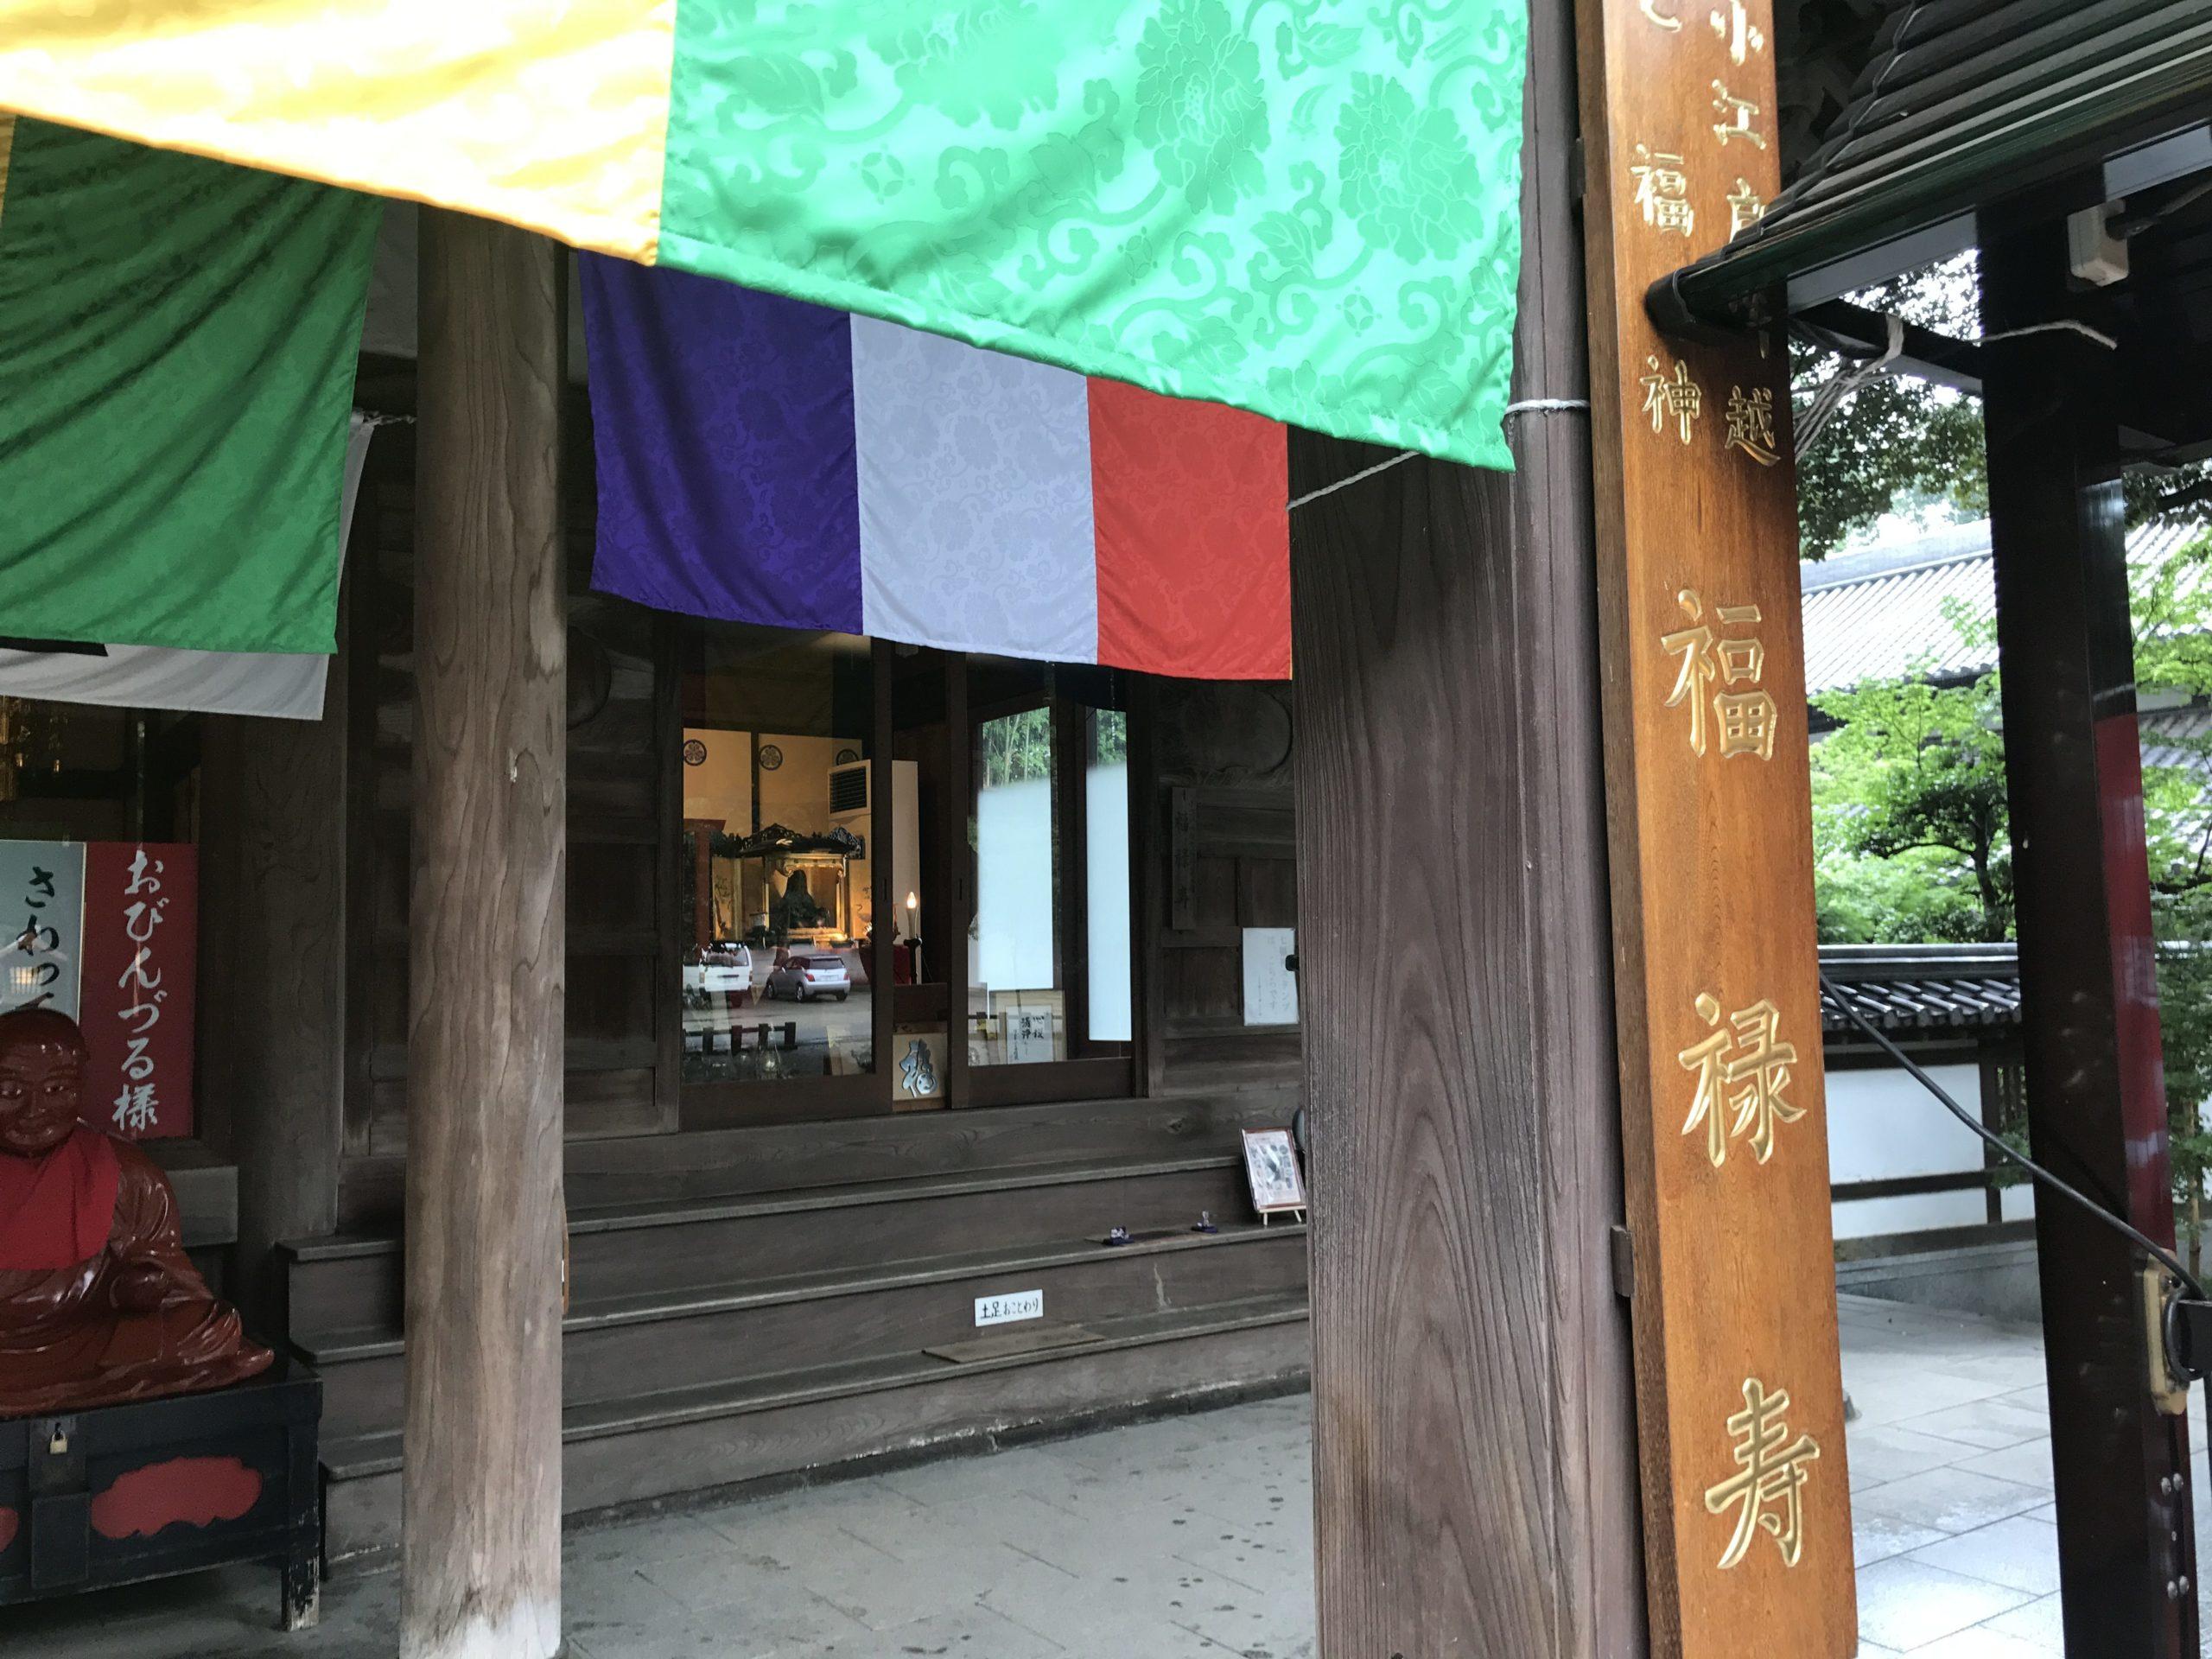 蓮馨寺(福禄寿神) 本堂・福禄寿神